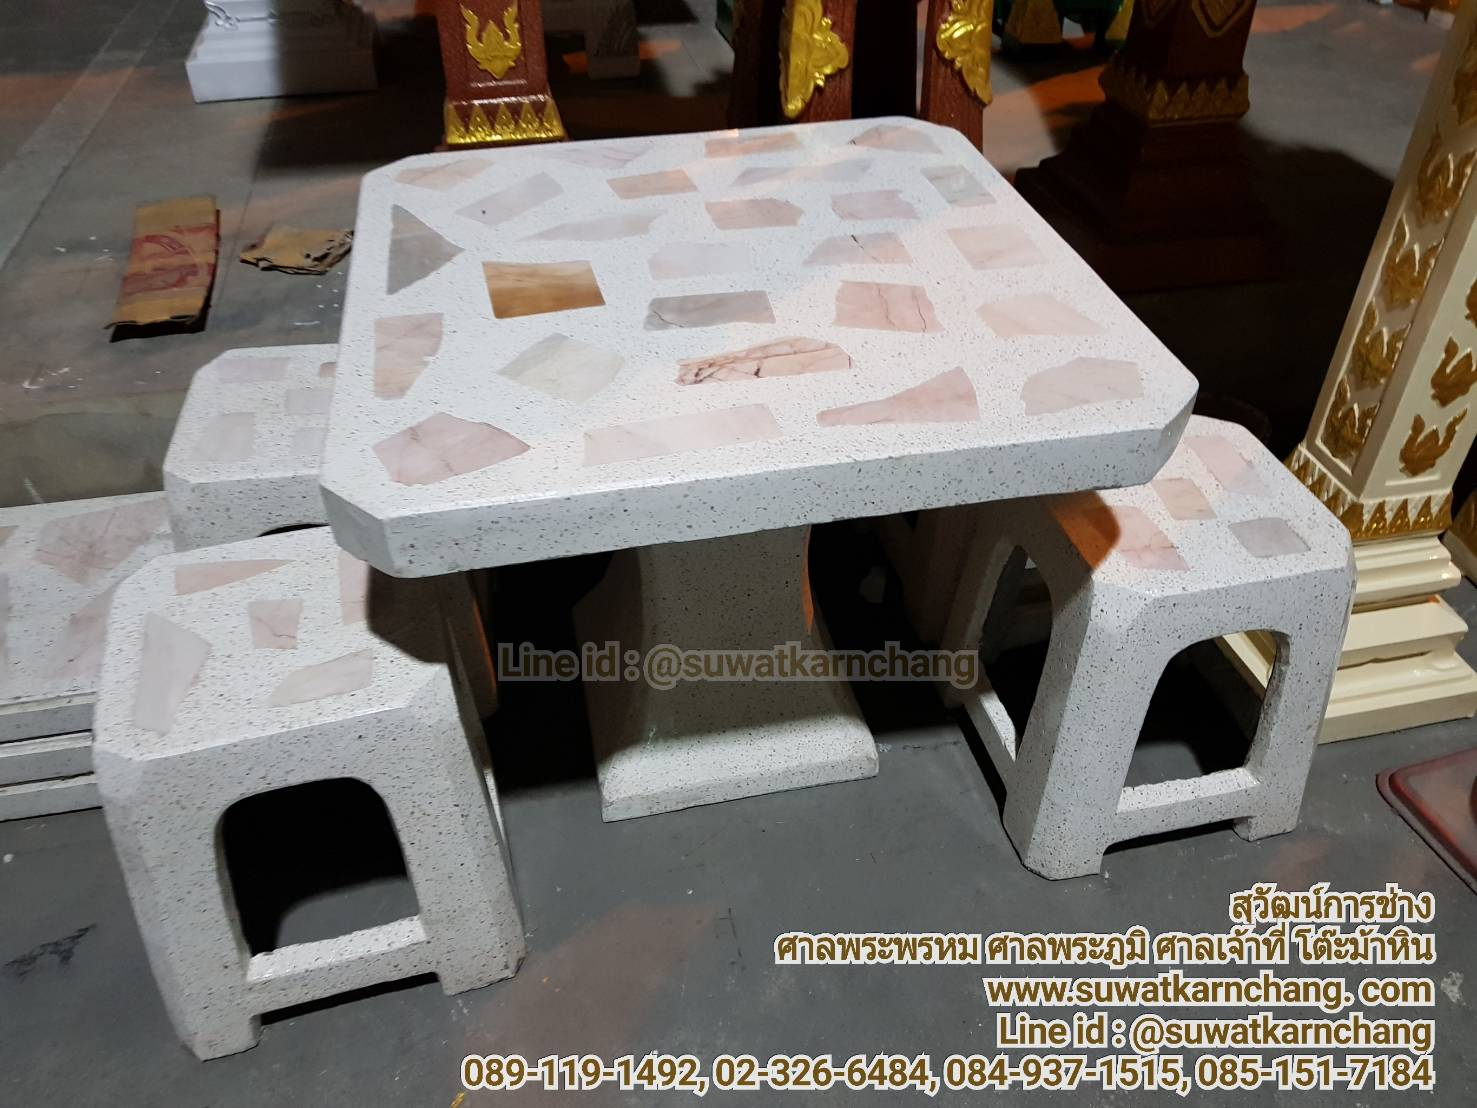 โต๊ะสี่เหลี่ยมทรงพลาสติก หินอ่อน หน้า 80 ซม.